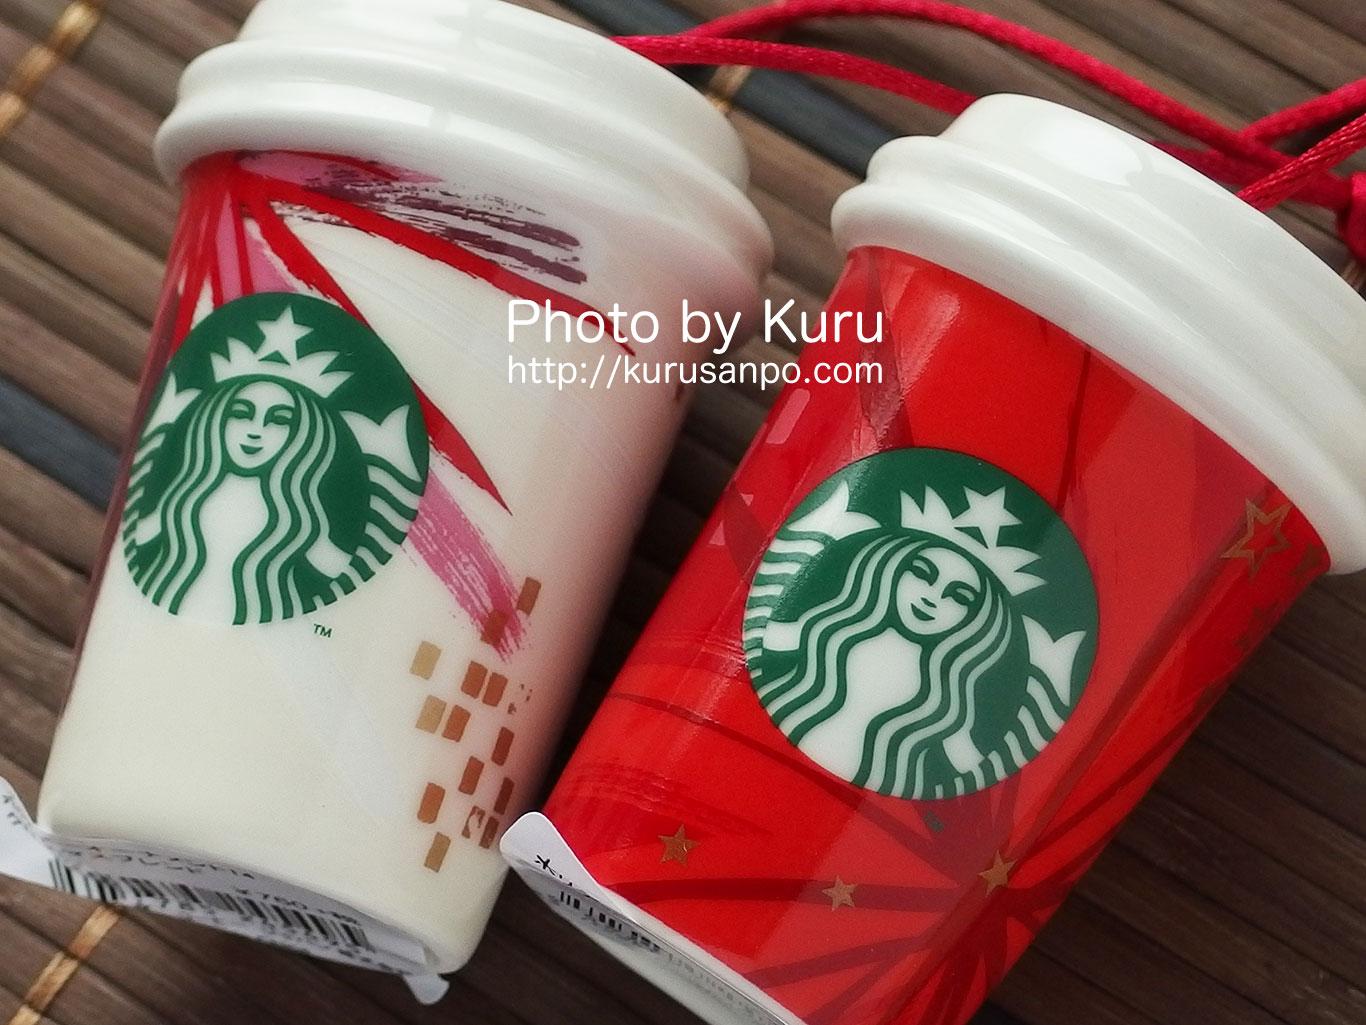 スターバックスコーヒーのクリスマス♪『2014ホリデーシーズン限定品』購入記録♪